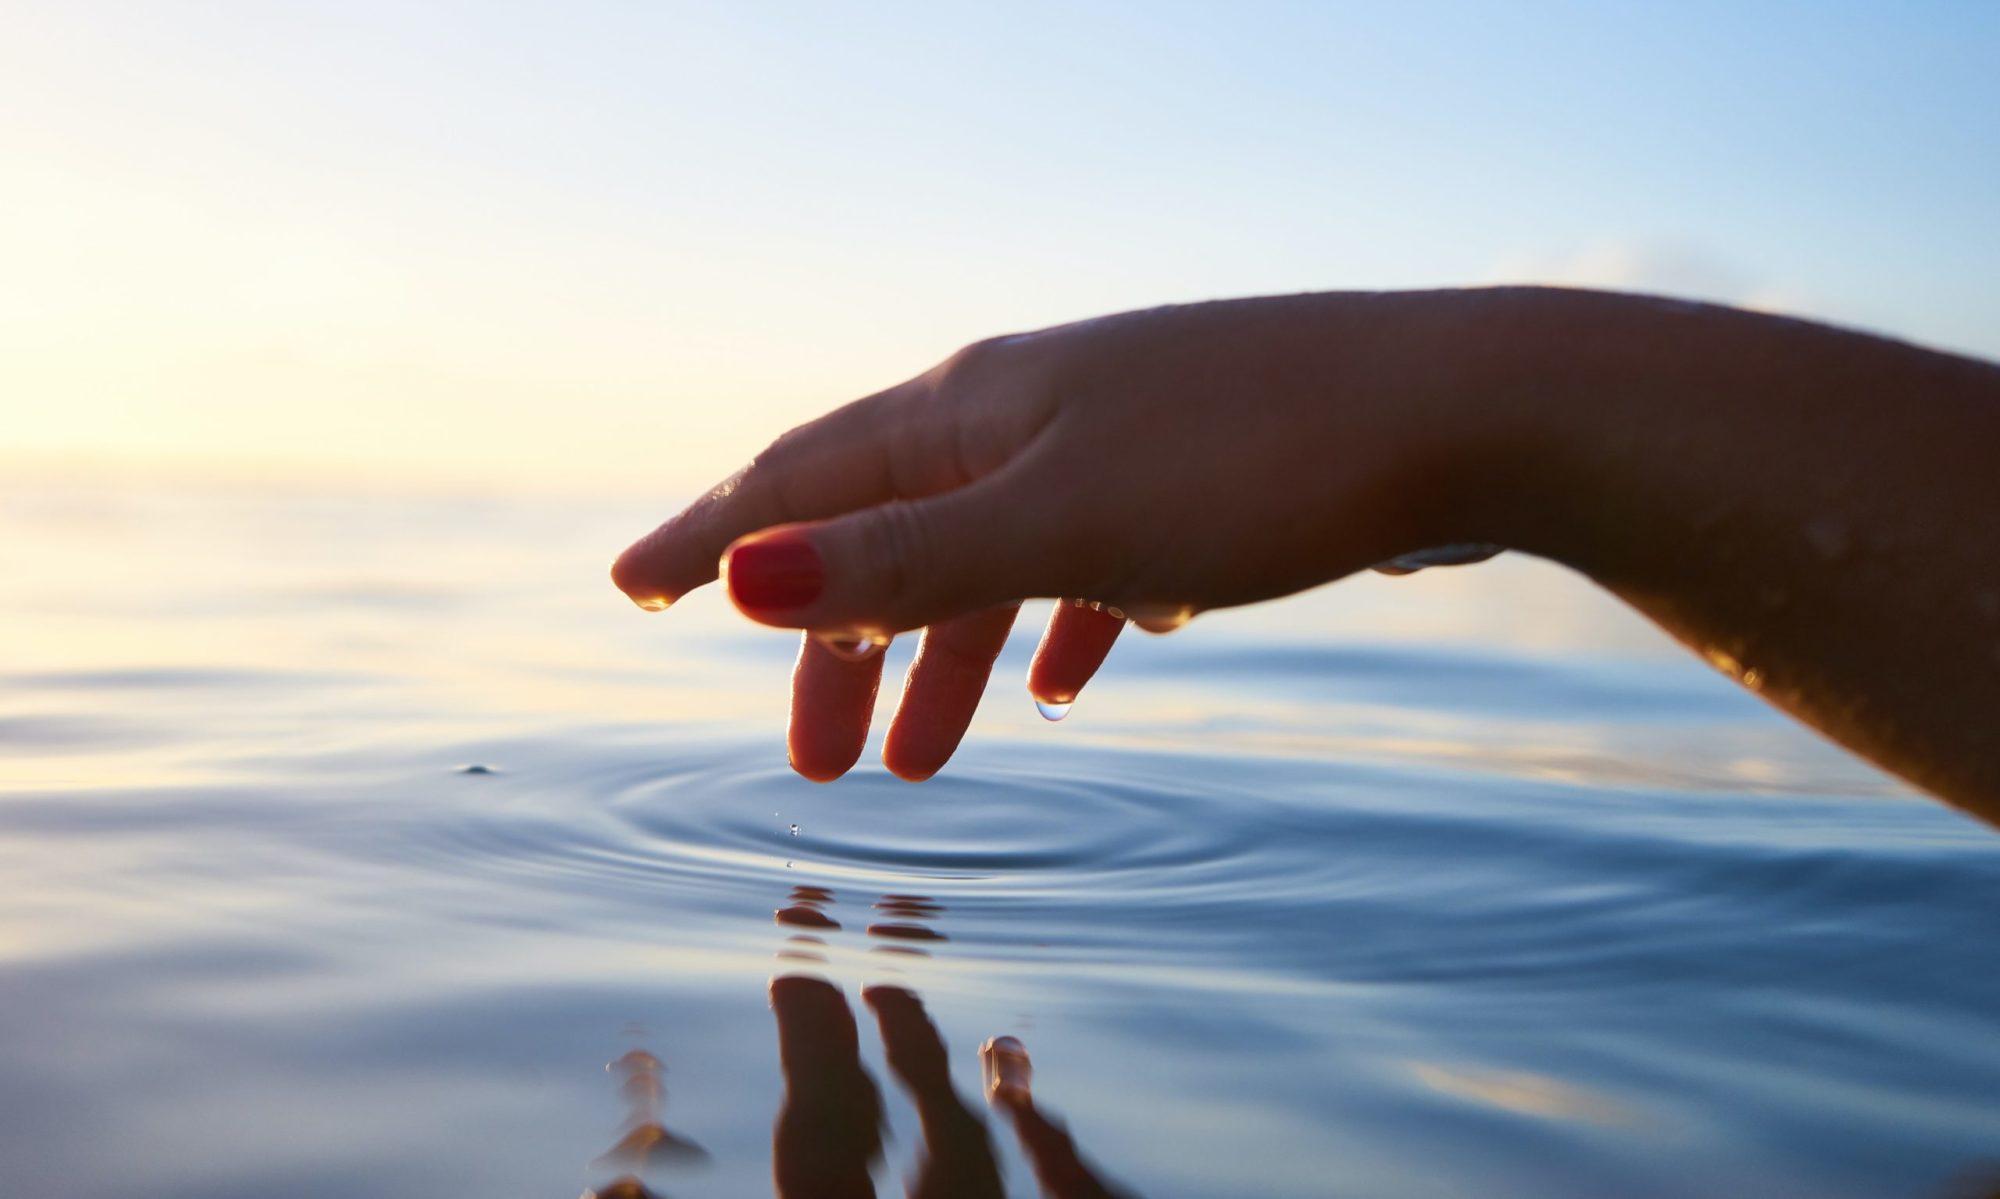 Zweckverband Wasserversorgung Pretzabrucker Gruppe